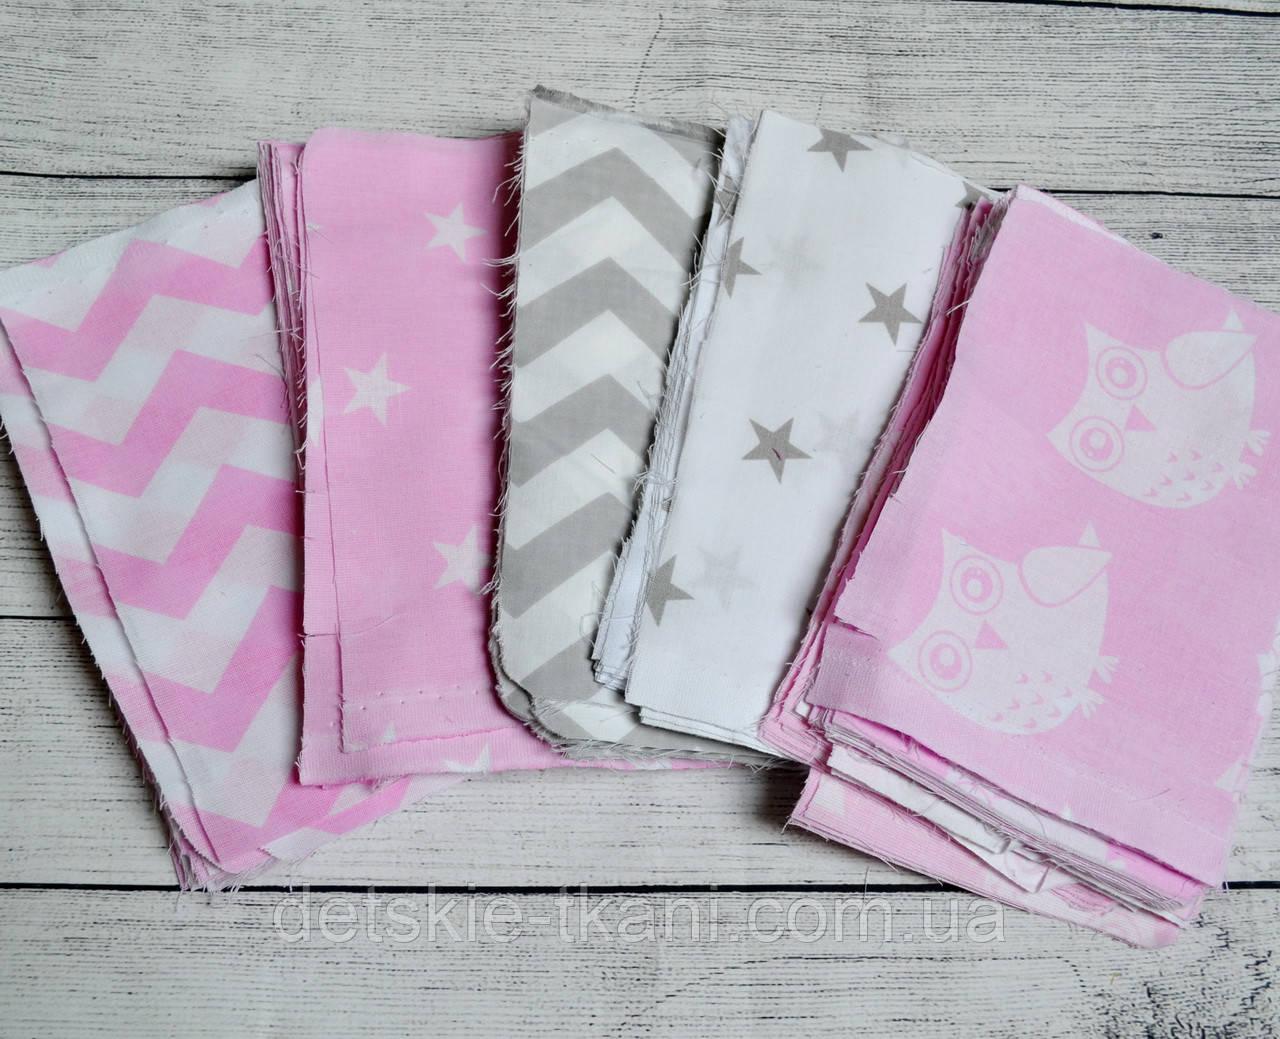 Набор для пэчворка из лоскутков тканей серо-розового цвета с совами №13